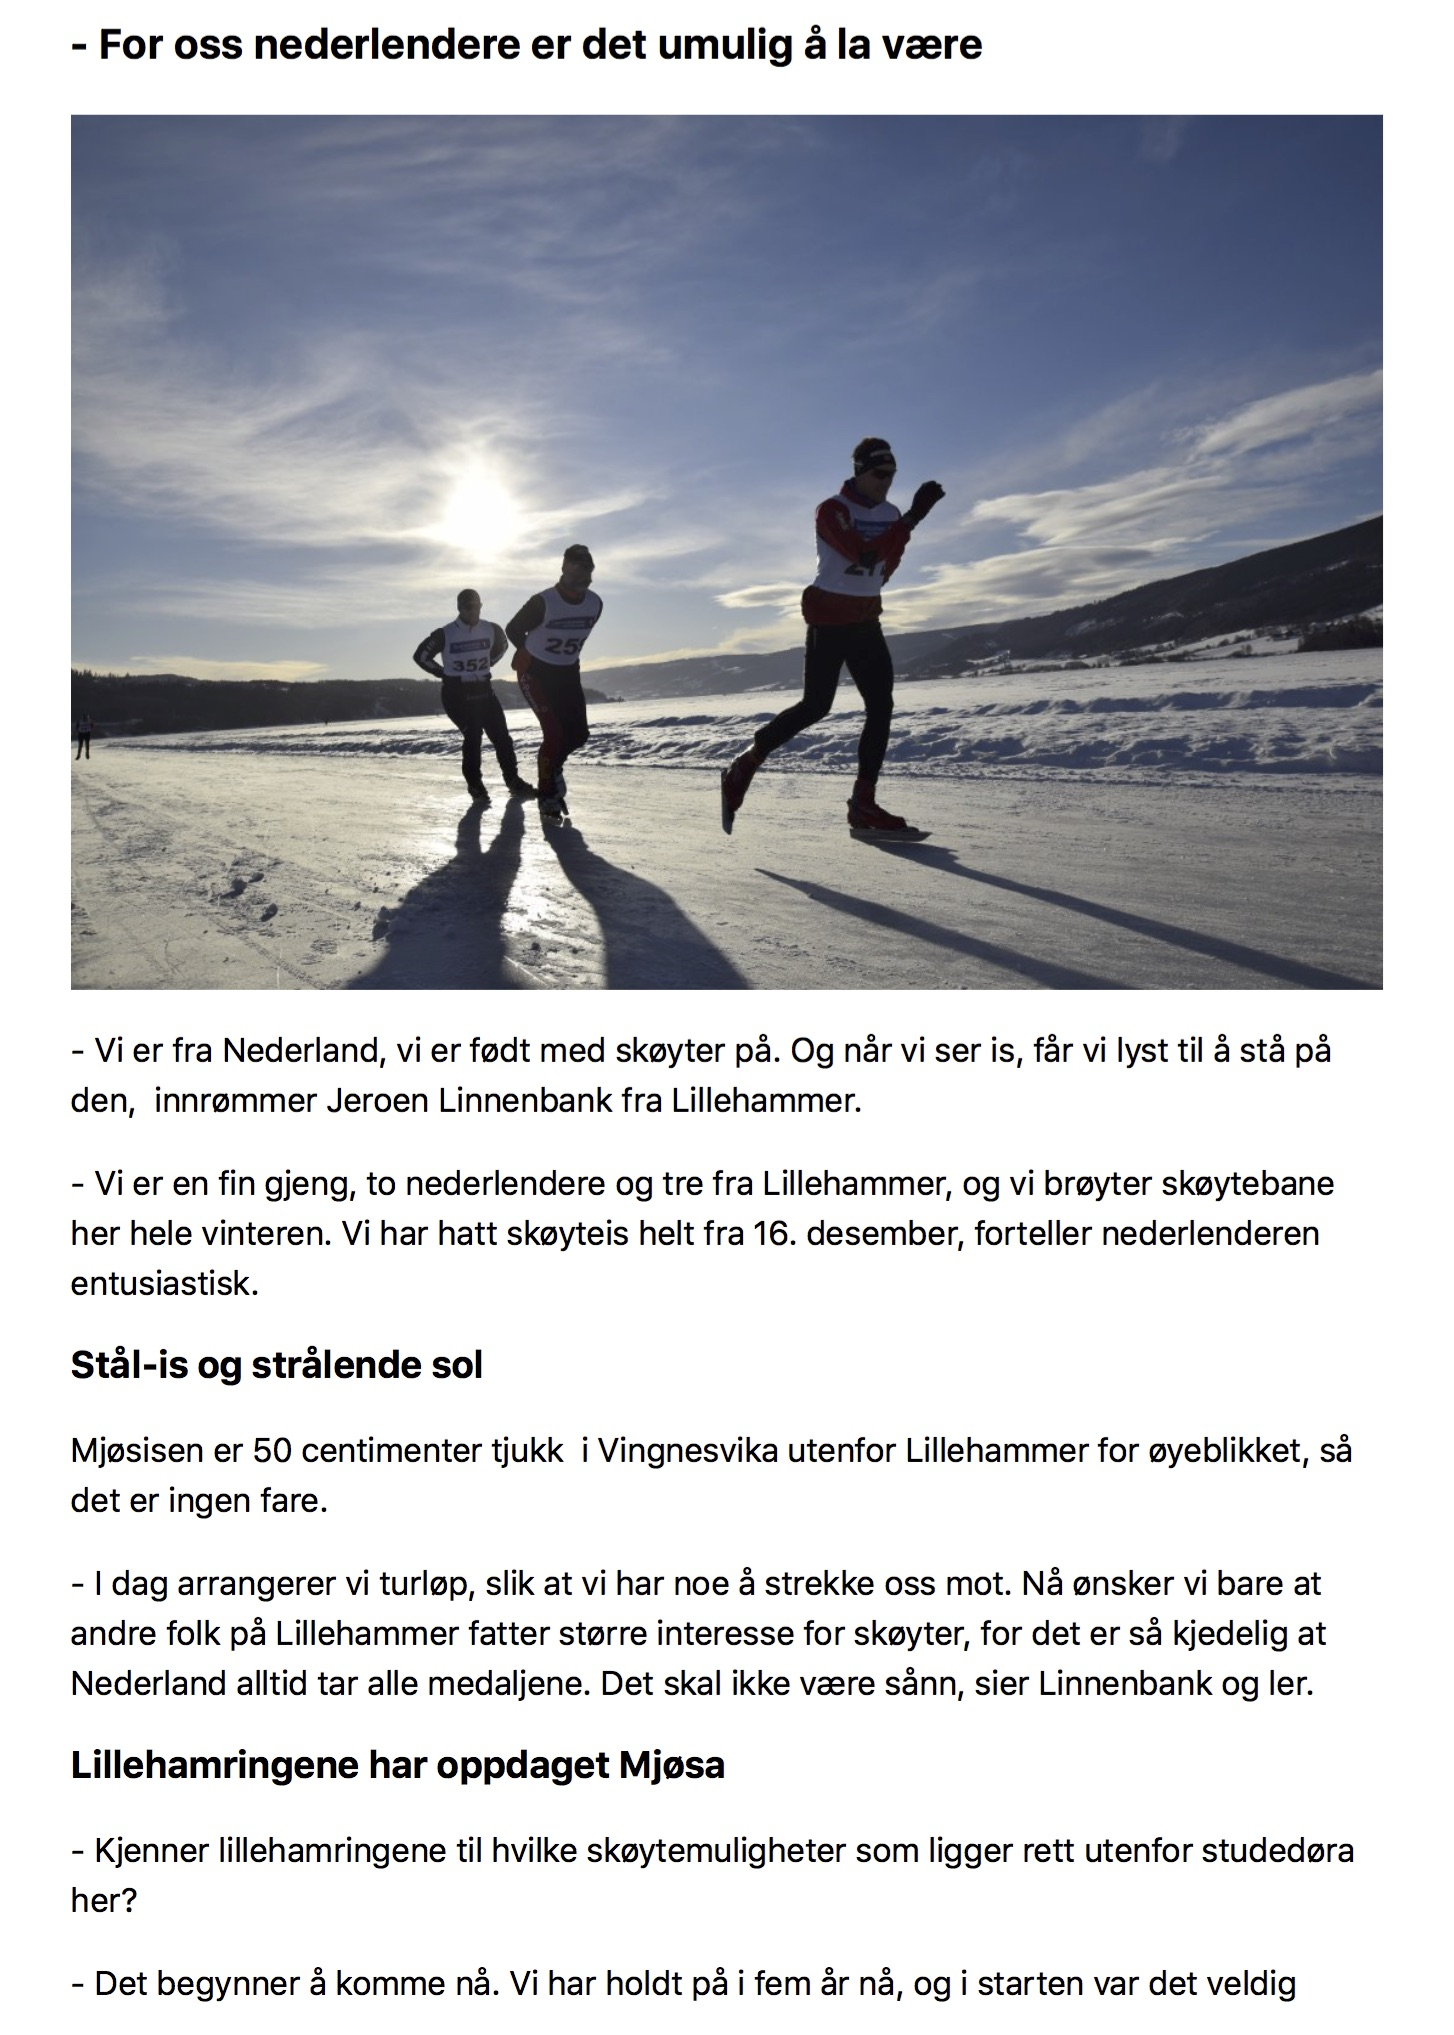 Gudbrandsdølen Dagningen - - For oss nederlendere er det umulig å la være